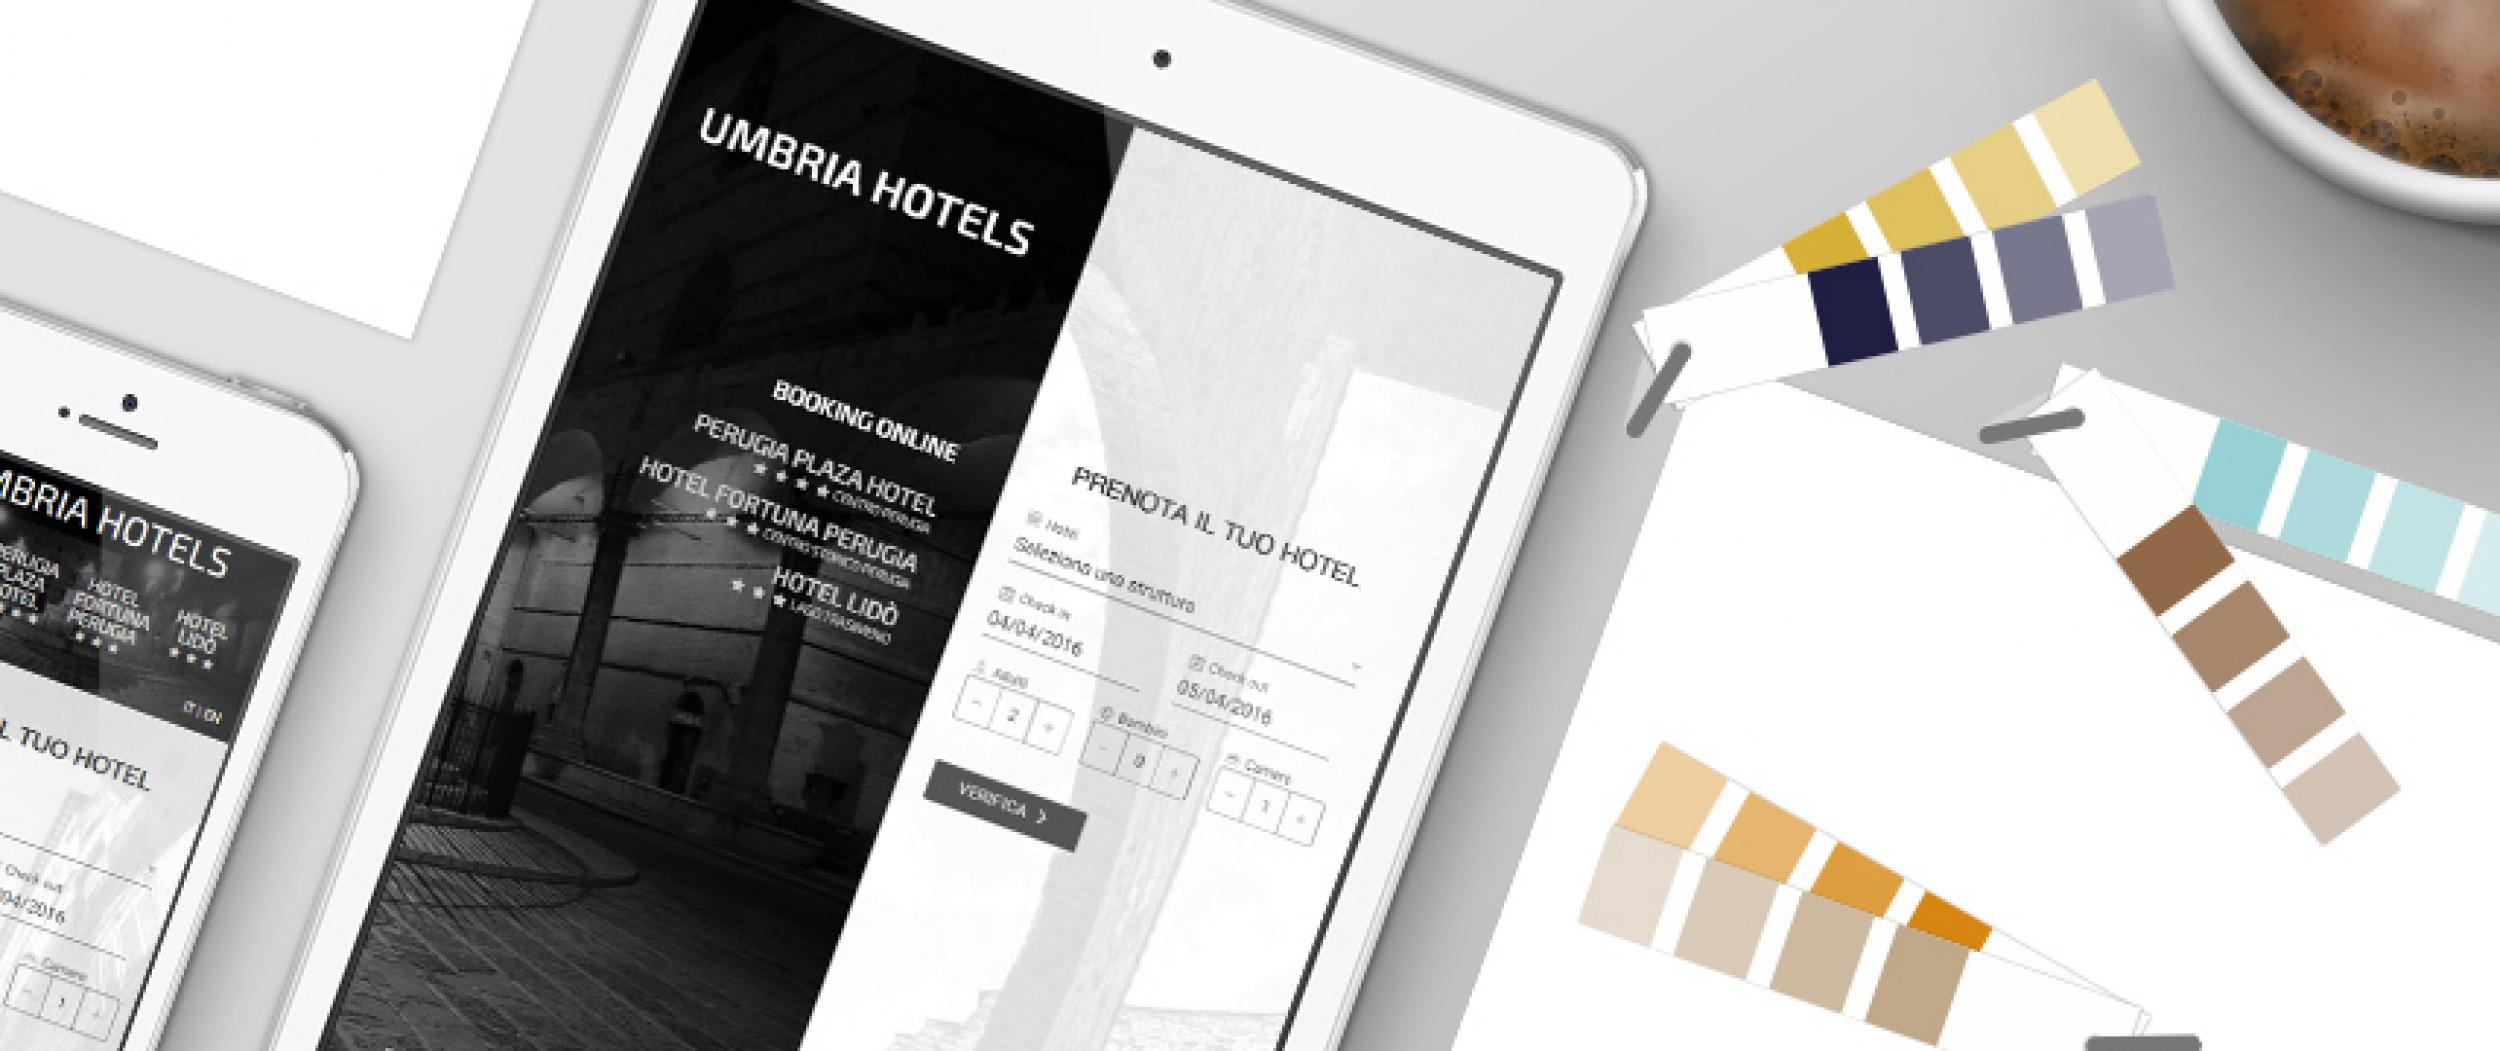 Umbria Hotels